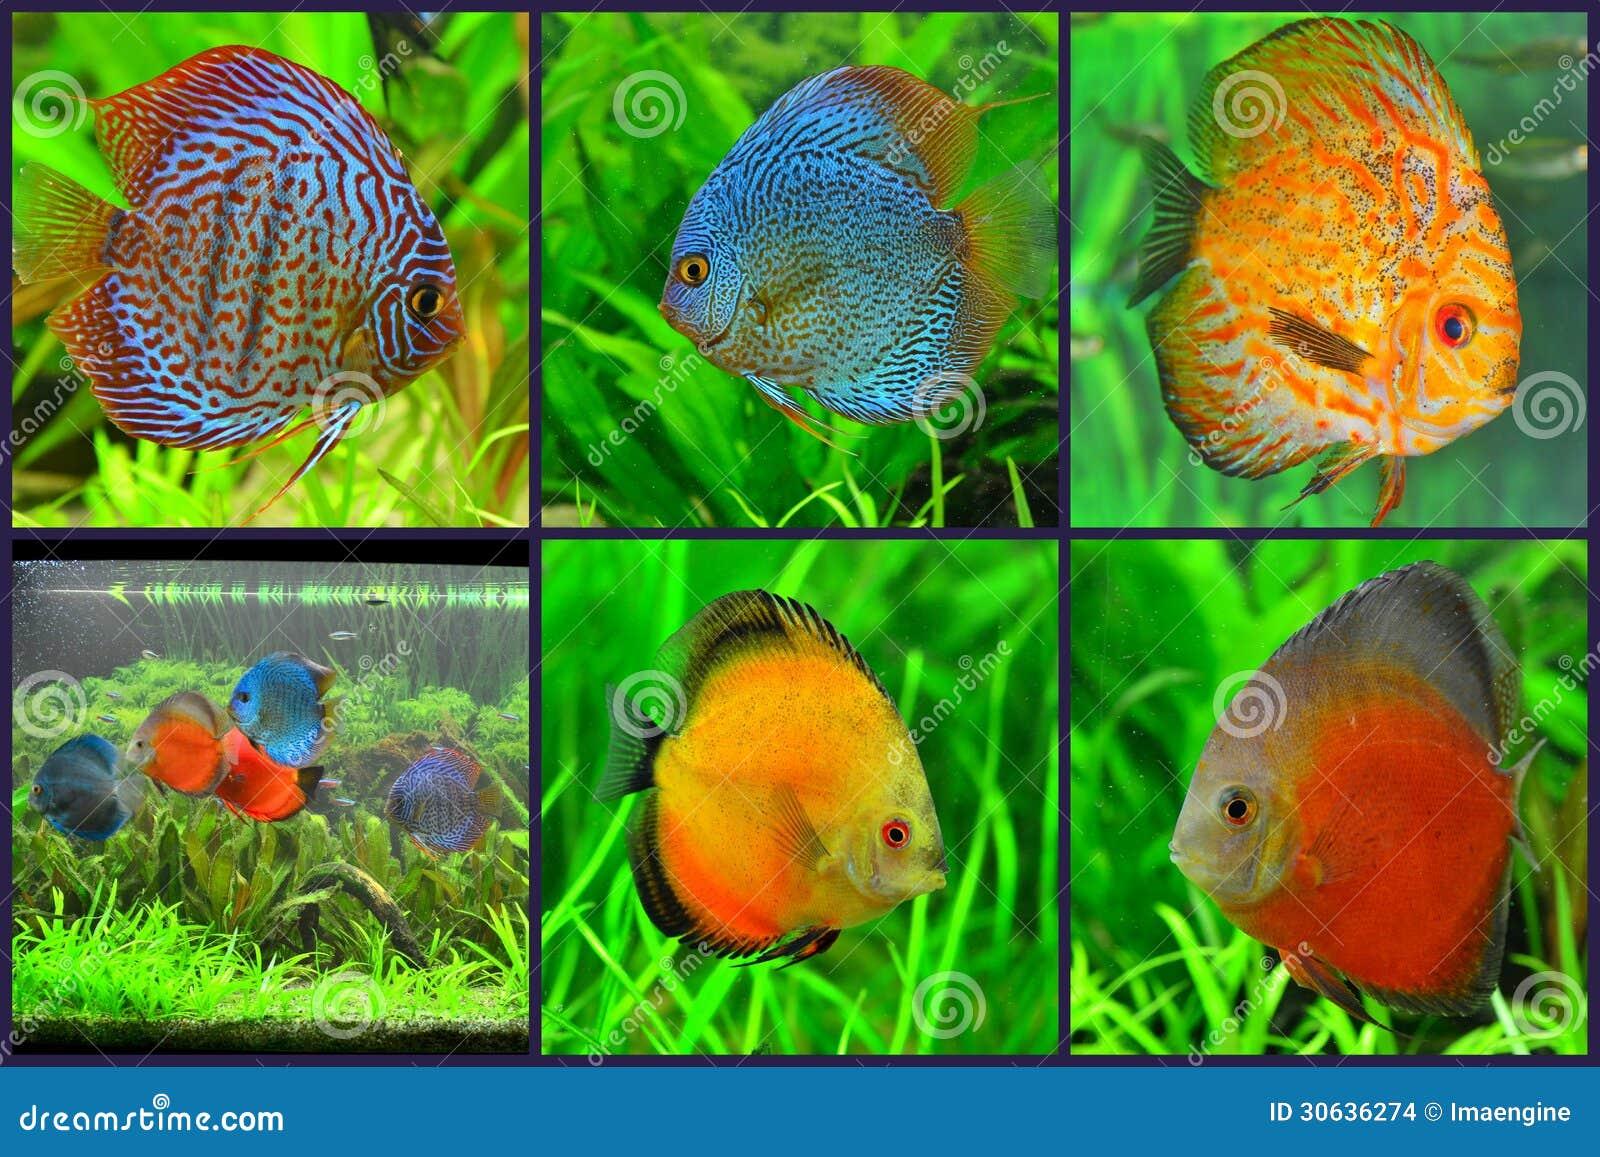 Aquarium - Discus Fish Varieties Collage Stock Images - Image ...